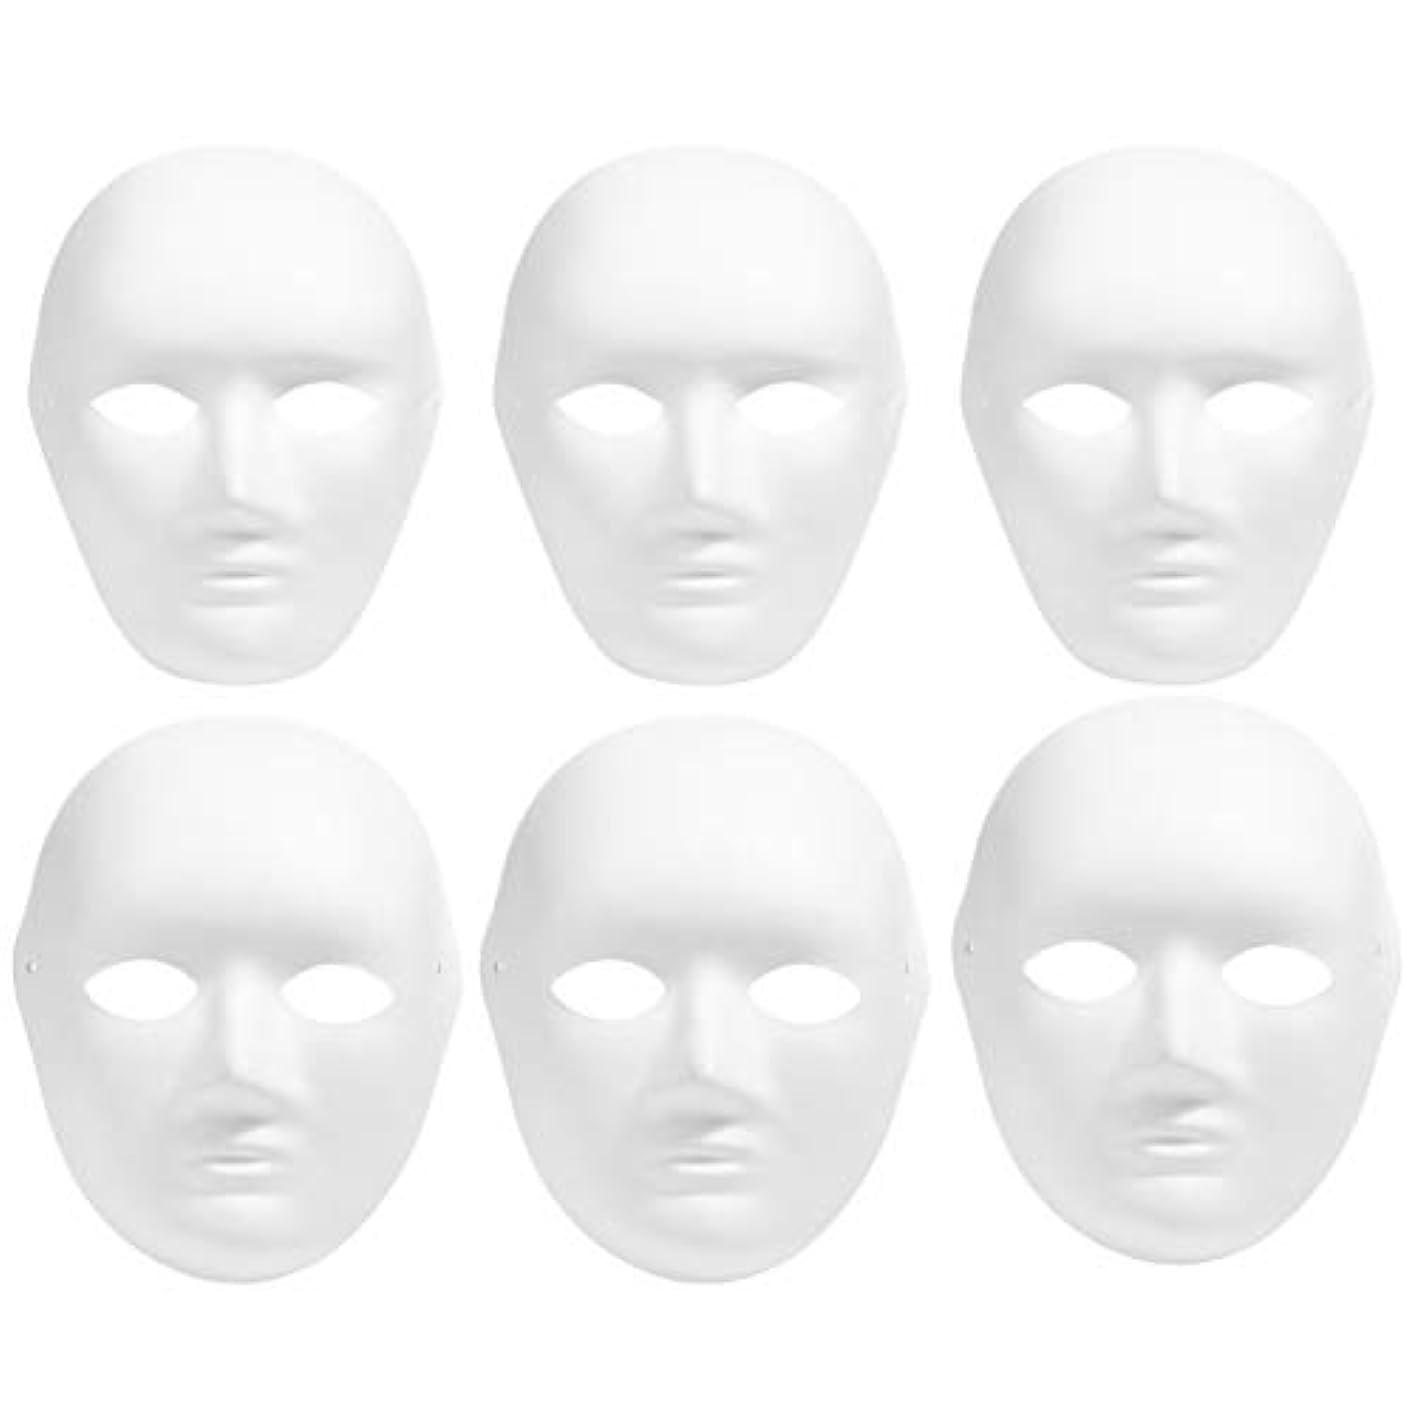 潜む大学院裁定マスク ハロウィン 怖い 白い人面マスク ハロウィンマスク ハロウィン 仮装 仮面 コスプレ 6*男性?6*女性